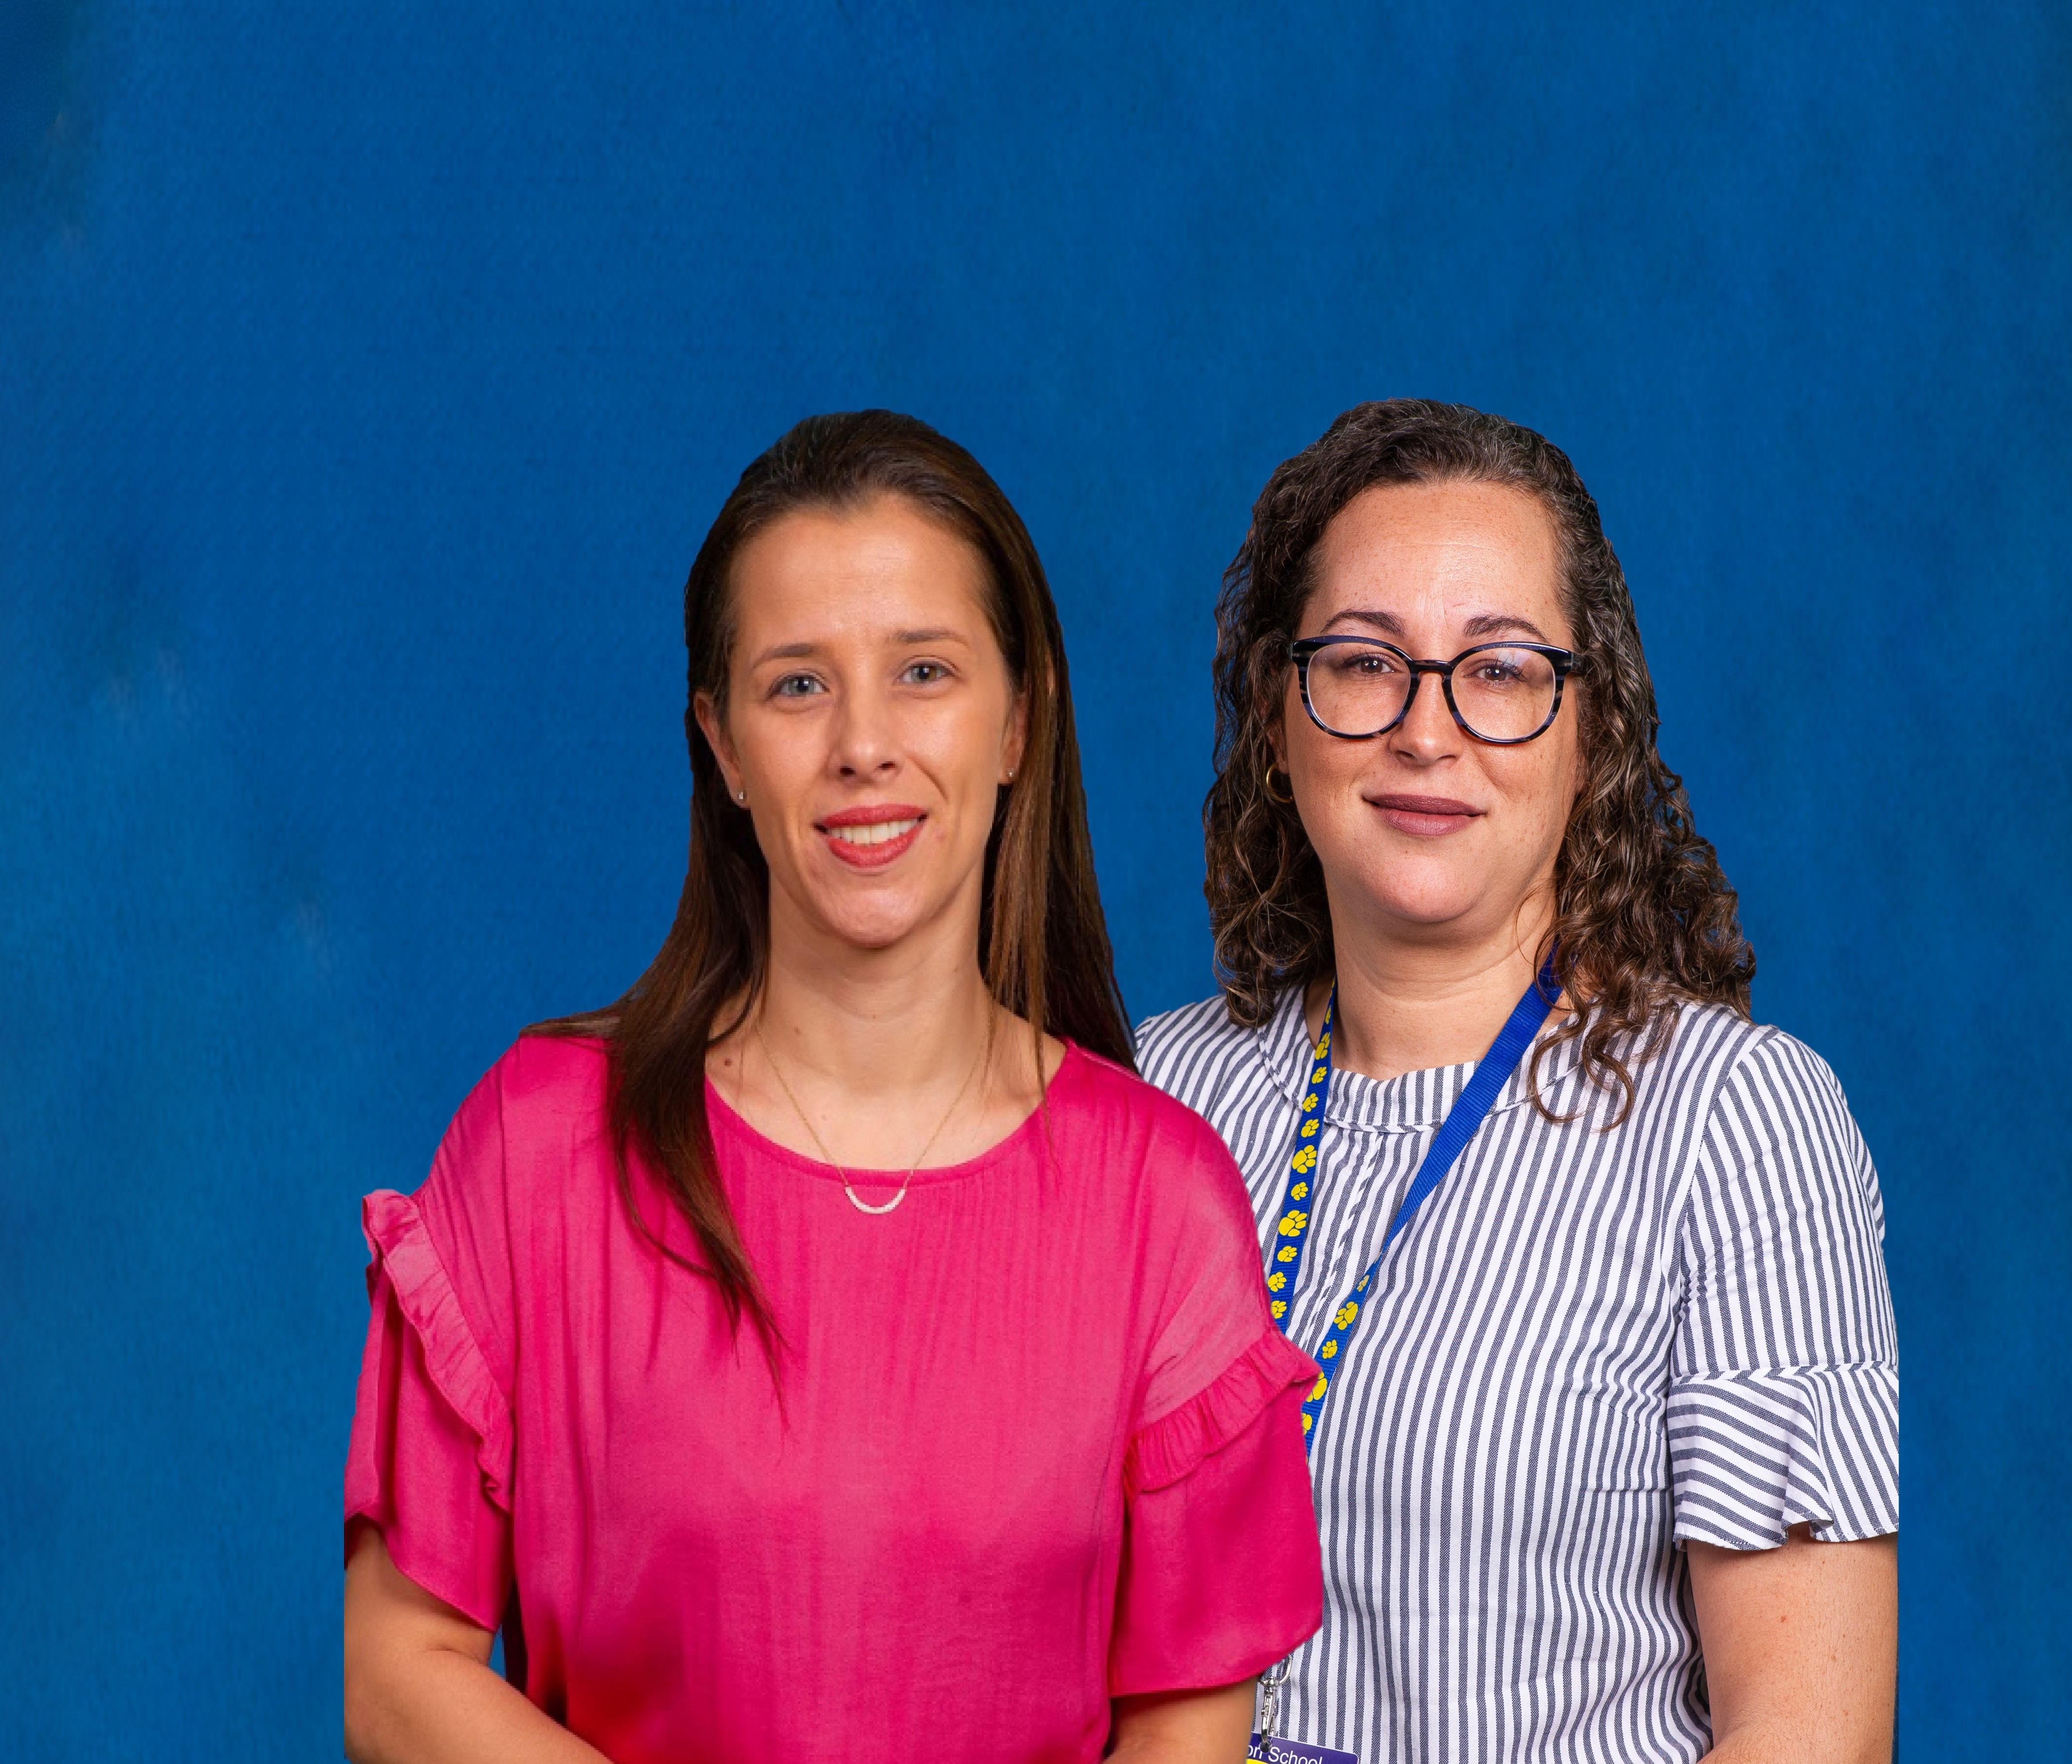 Monica Flambert & Ana Noelsaint